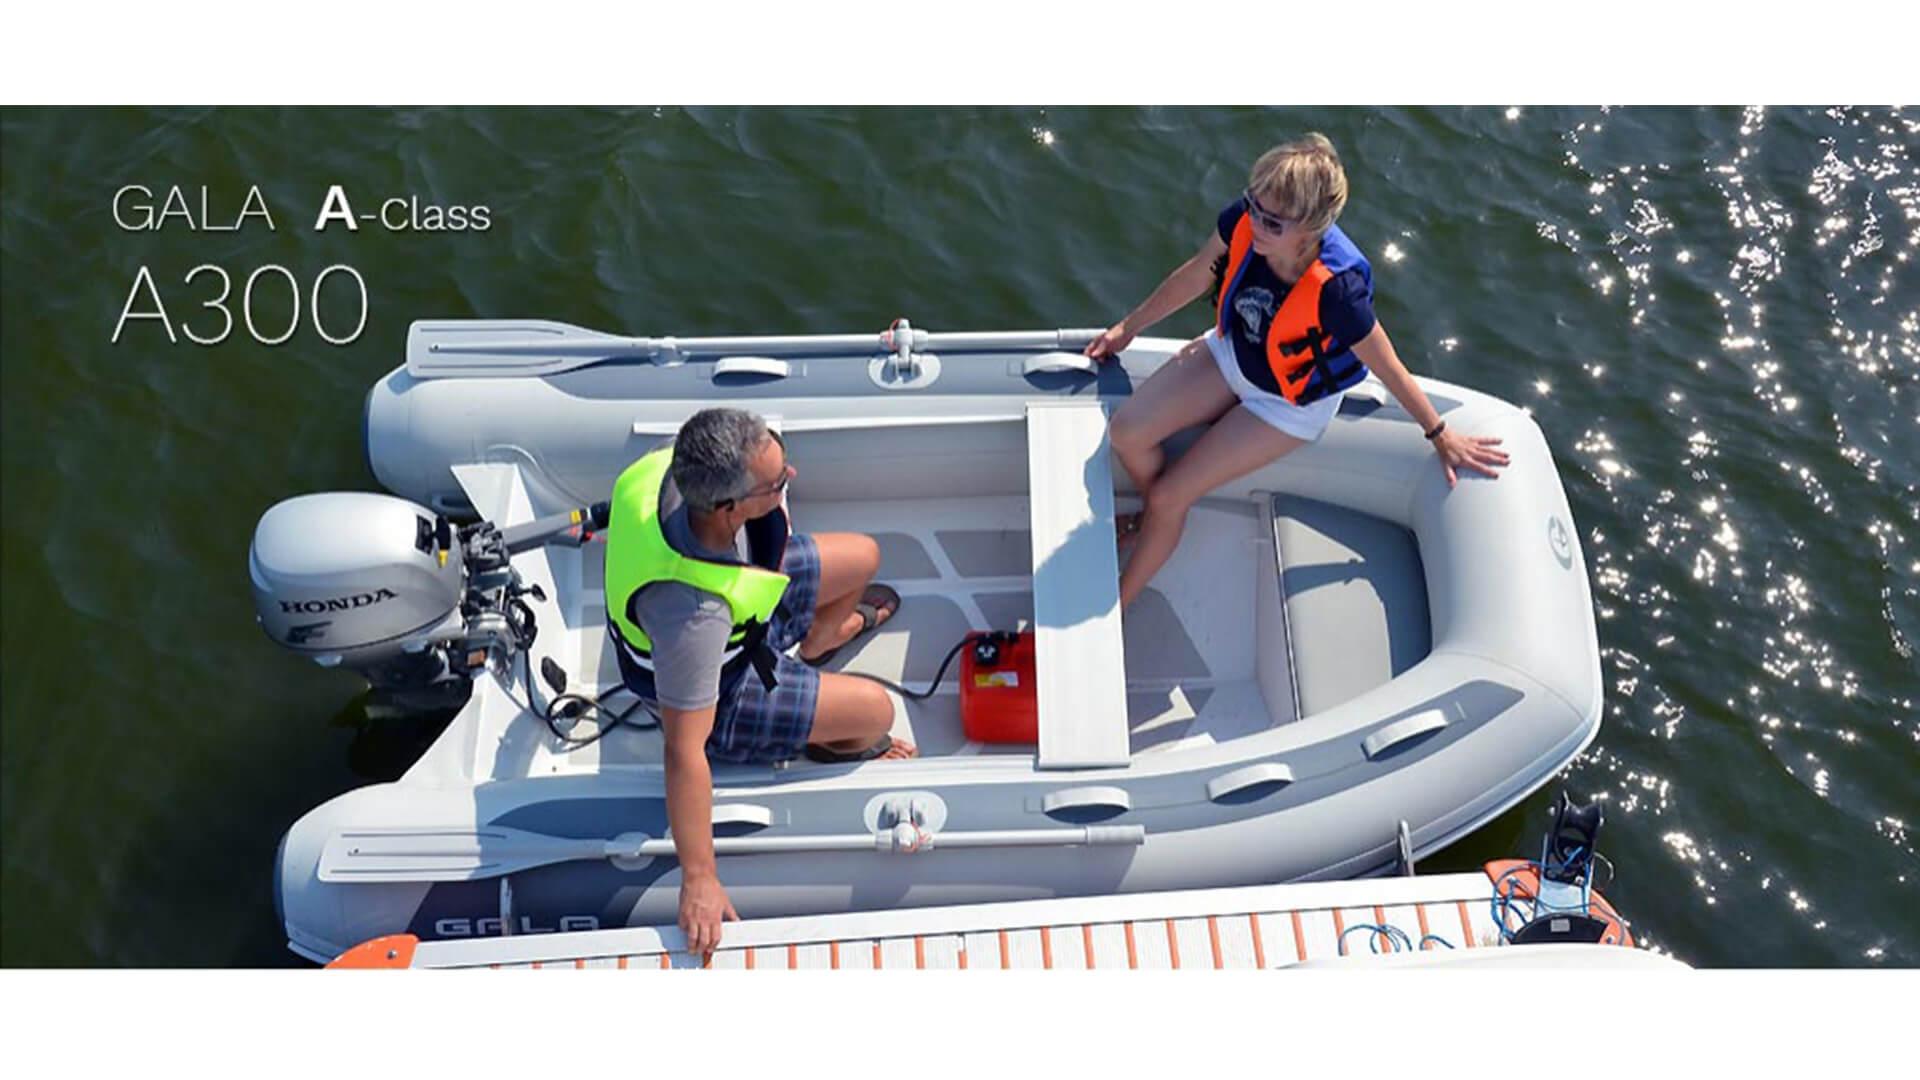 Надувная лодка с жестким алюминиевым дном GALA Atlantis A300, Надувная лодка с жестким дном GALA Atlantis A300, Надувная лодка с жестким дном GALA A300, Надувная лодка GALA A300, Надувная лодка GALA A300, GALA A300, Надувная лодка GALA A300D, Надувная лодка GALA A300D, GALA A300D, лодка с жестким дном, алюминиевый риб, алюминиевый RIB, RIB, тендерная лодка, тендер для яхты